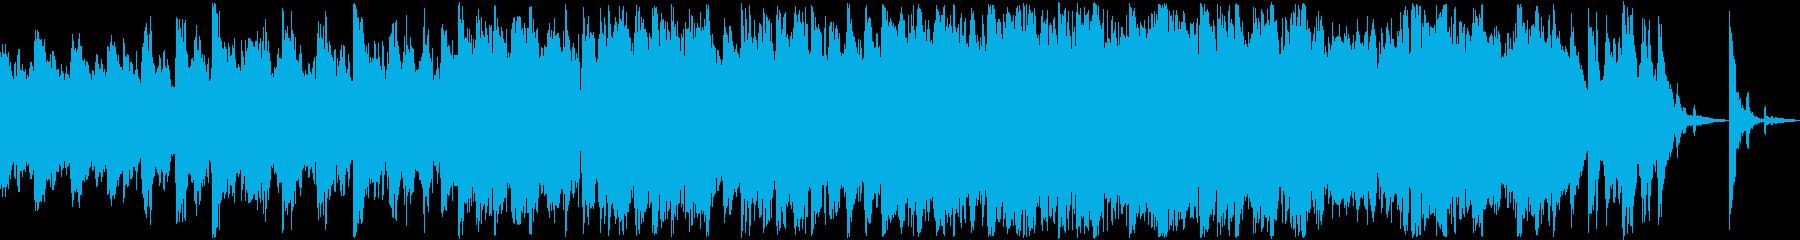 和楽器を盛り込んだ和風ホラー/ループ可の再生済みの波形